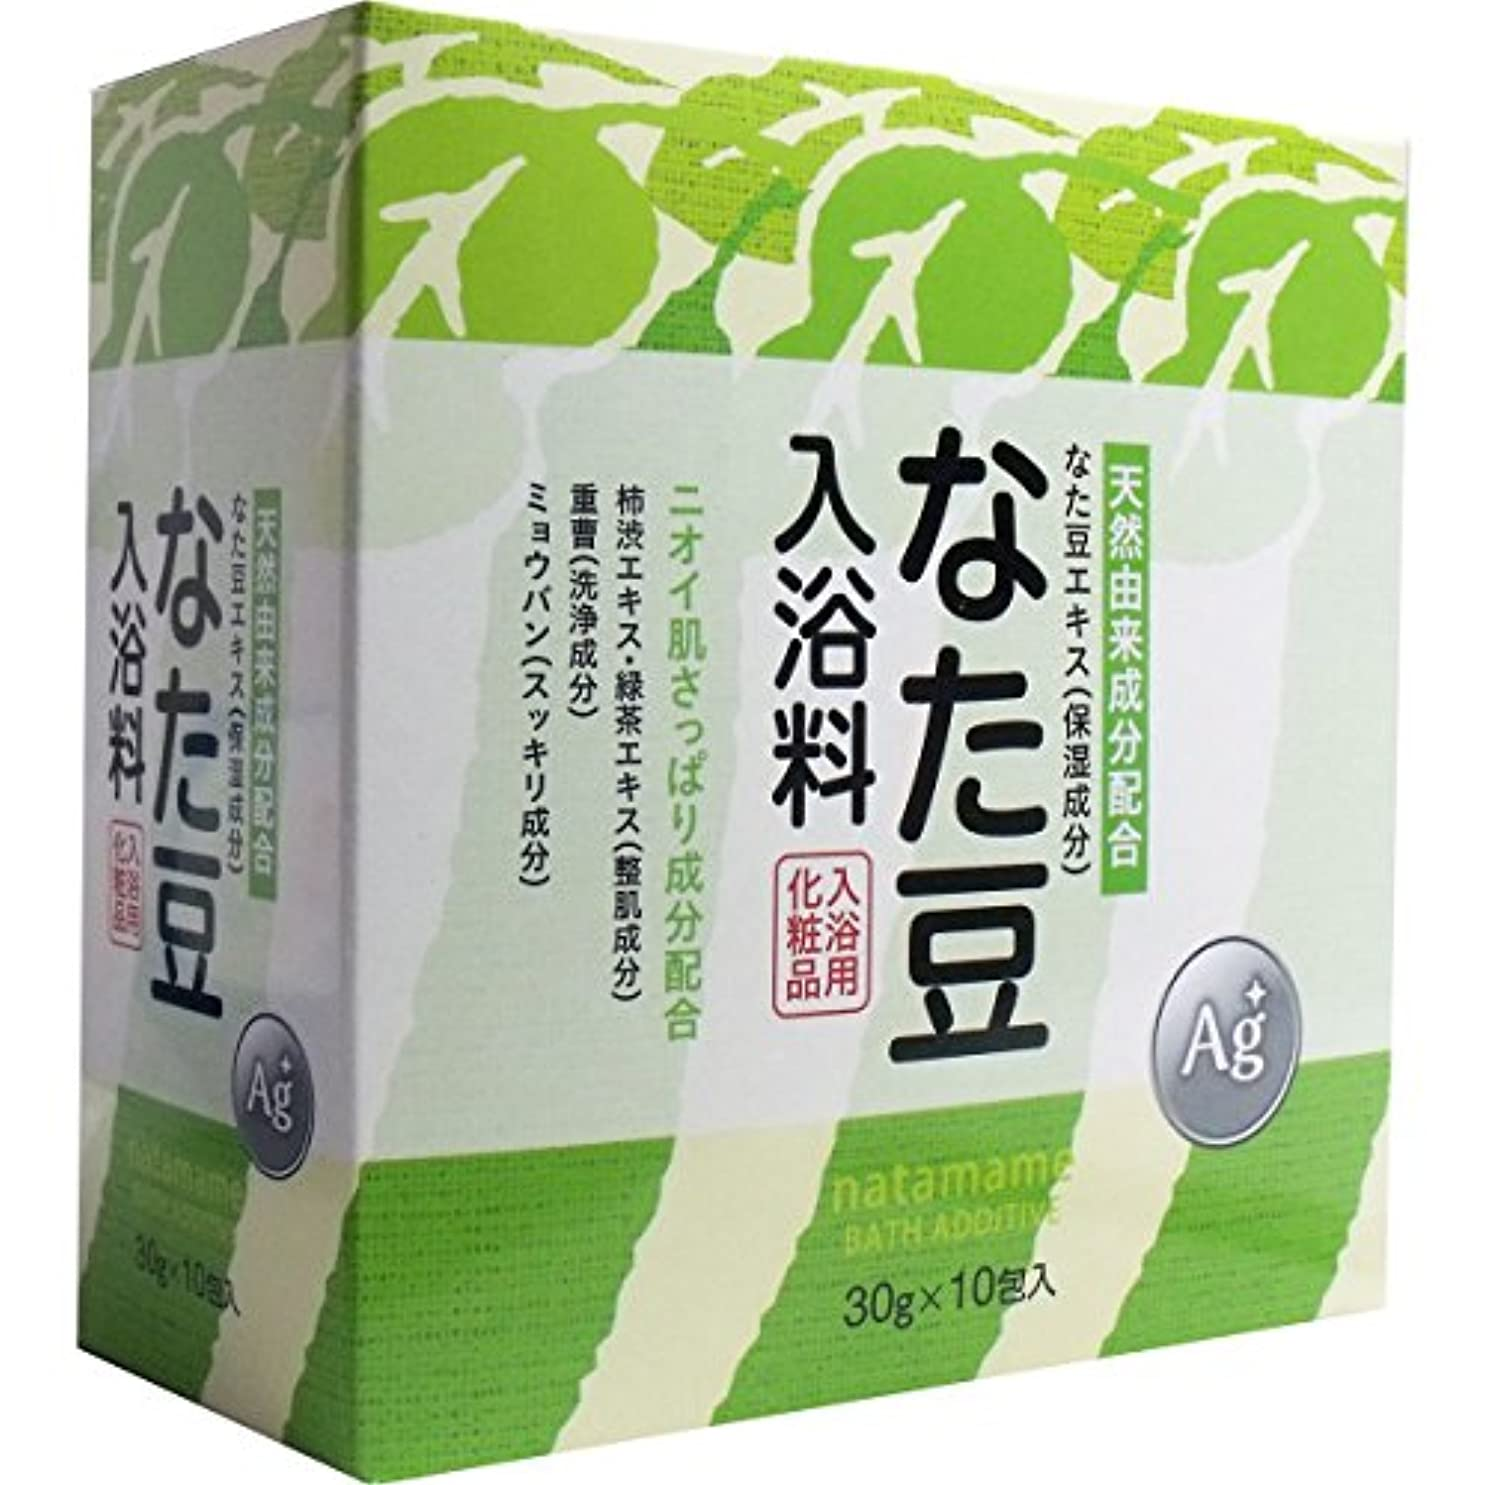 ミニ霧主なた豆入浴料 入浴用化粧品 30g×10包入×6